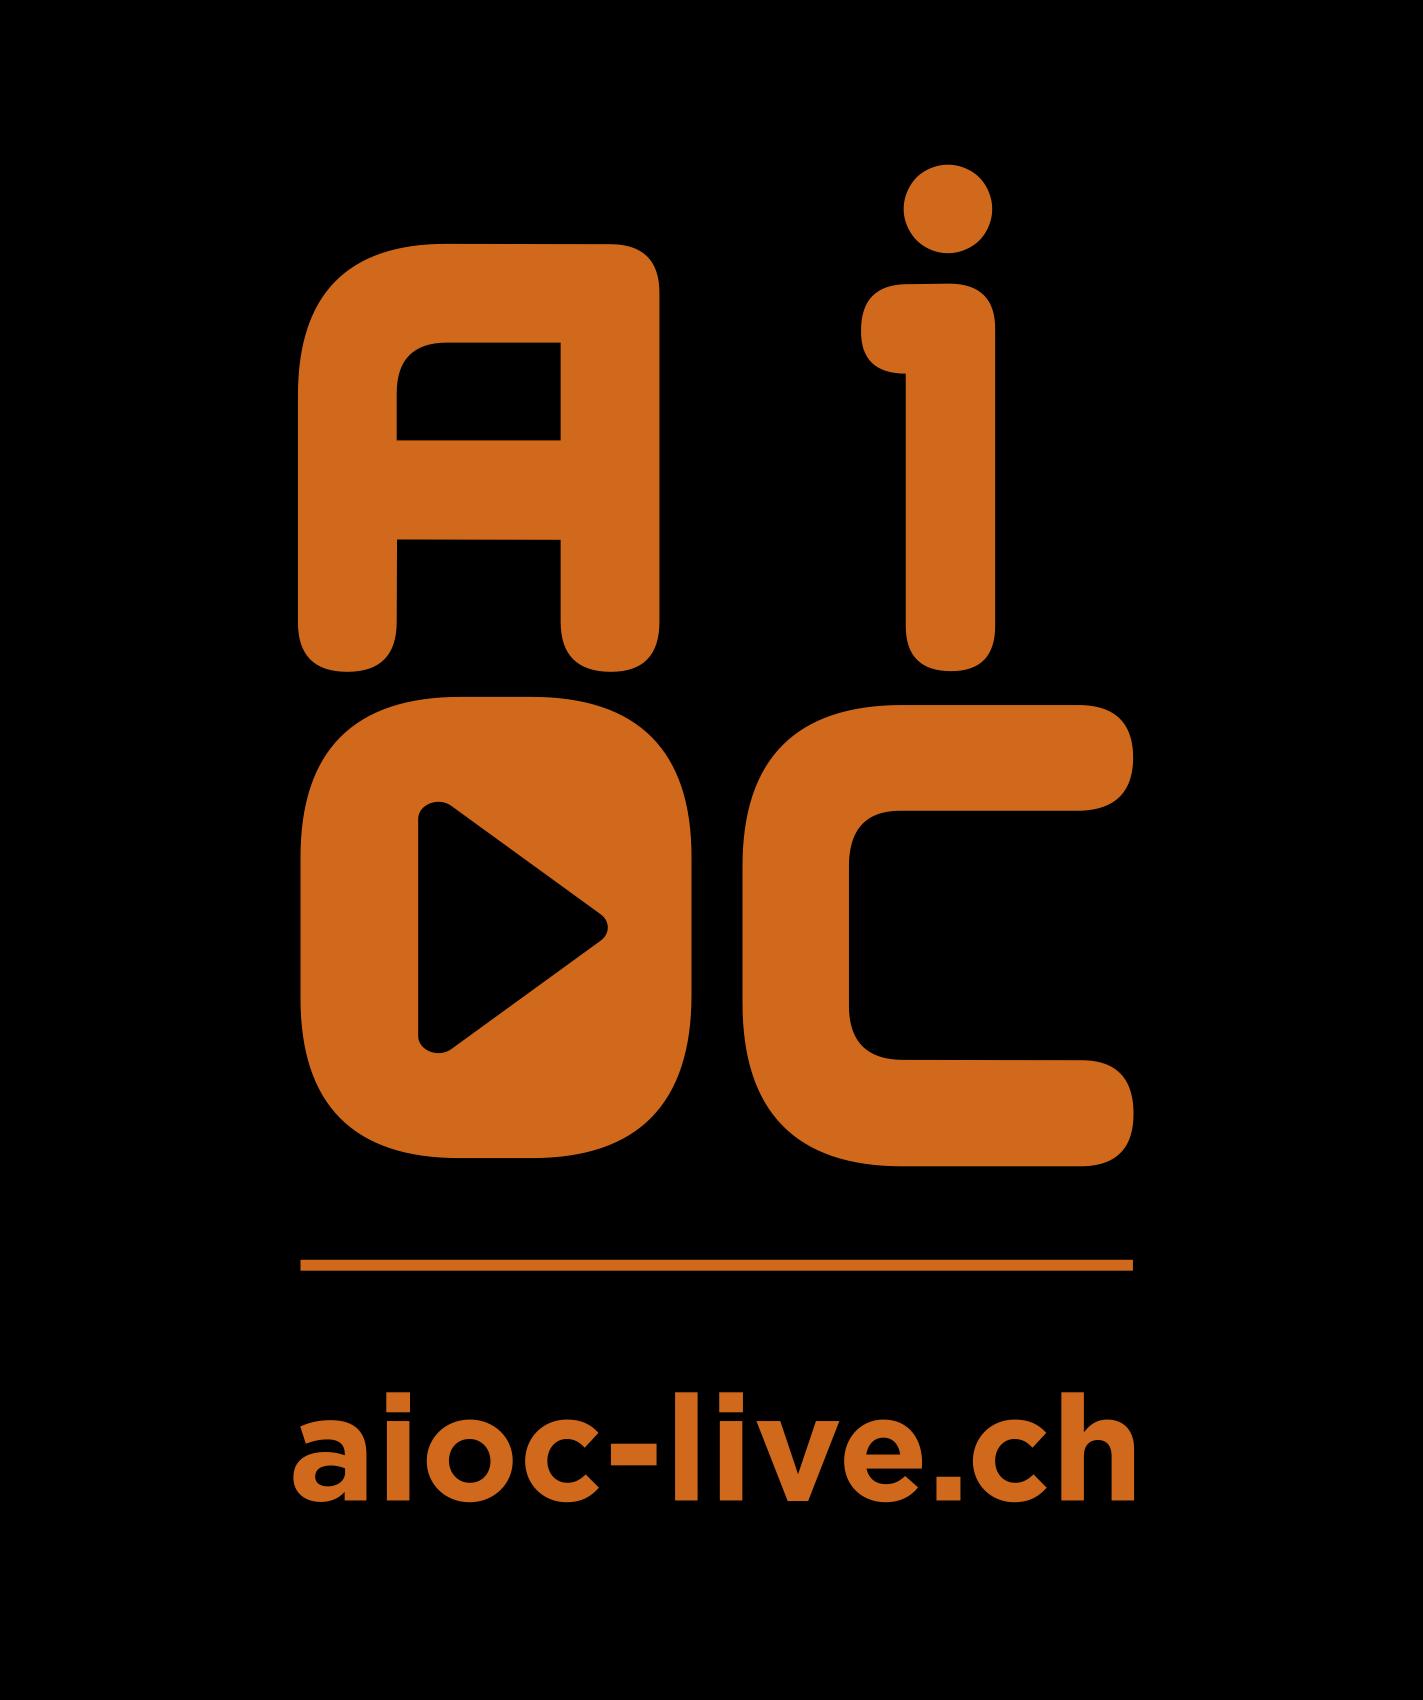 AIOC LIVE